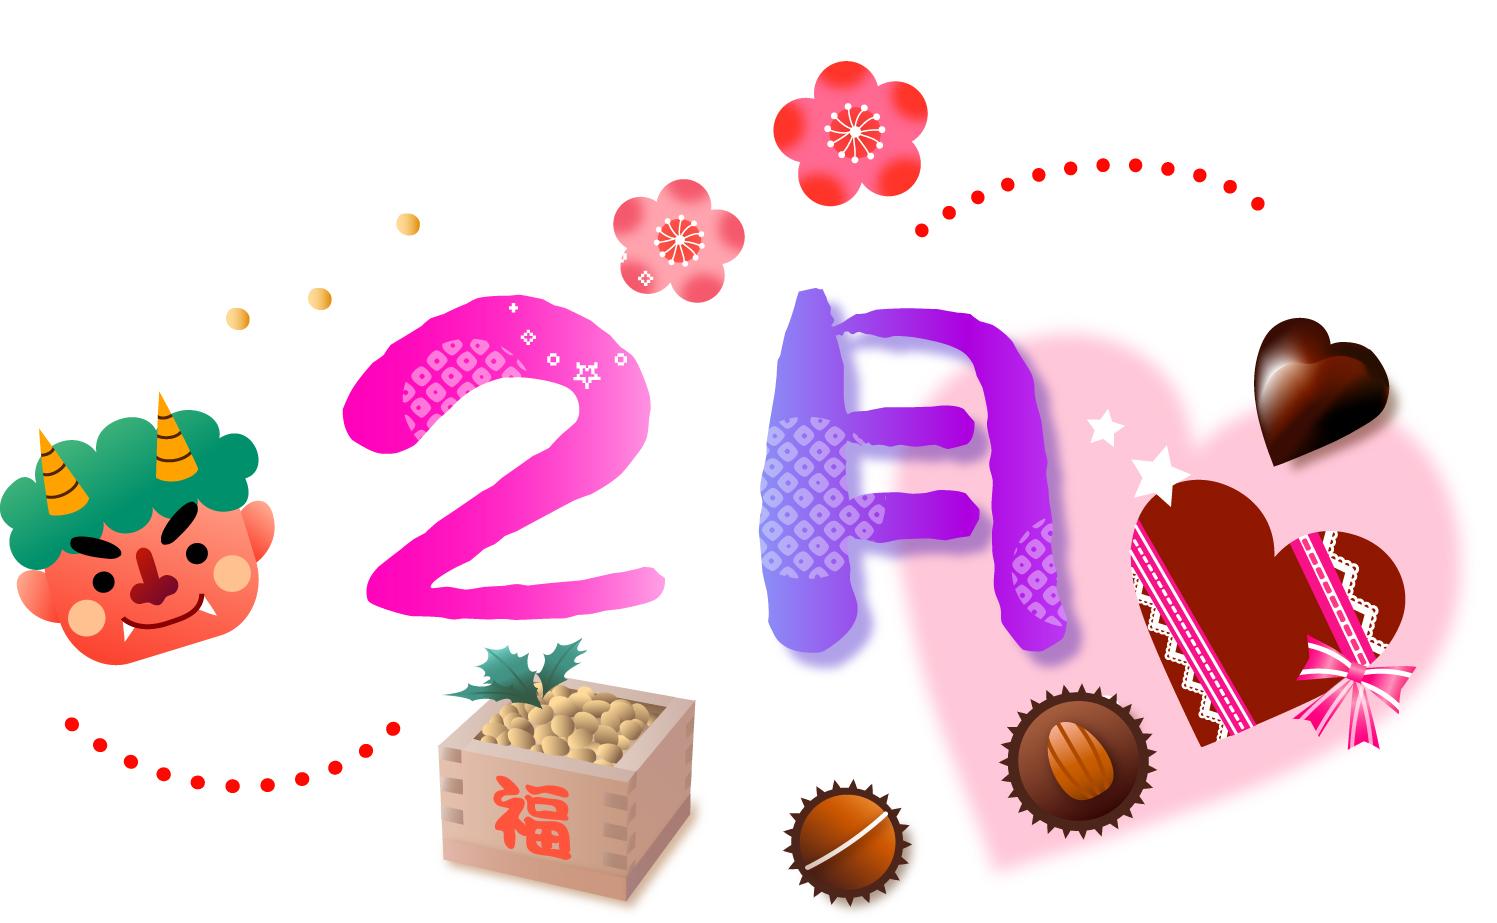 【2月の工作 15選】高齢者向け!!簡単にできるおすすめの作品集を紹介!